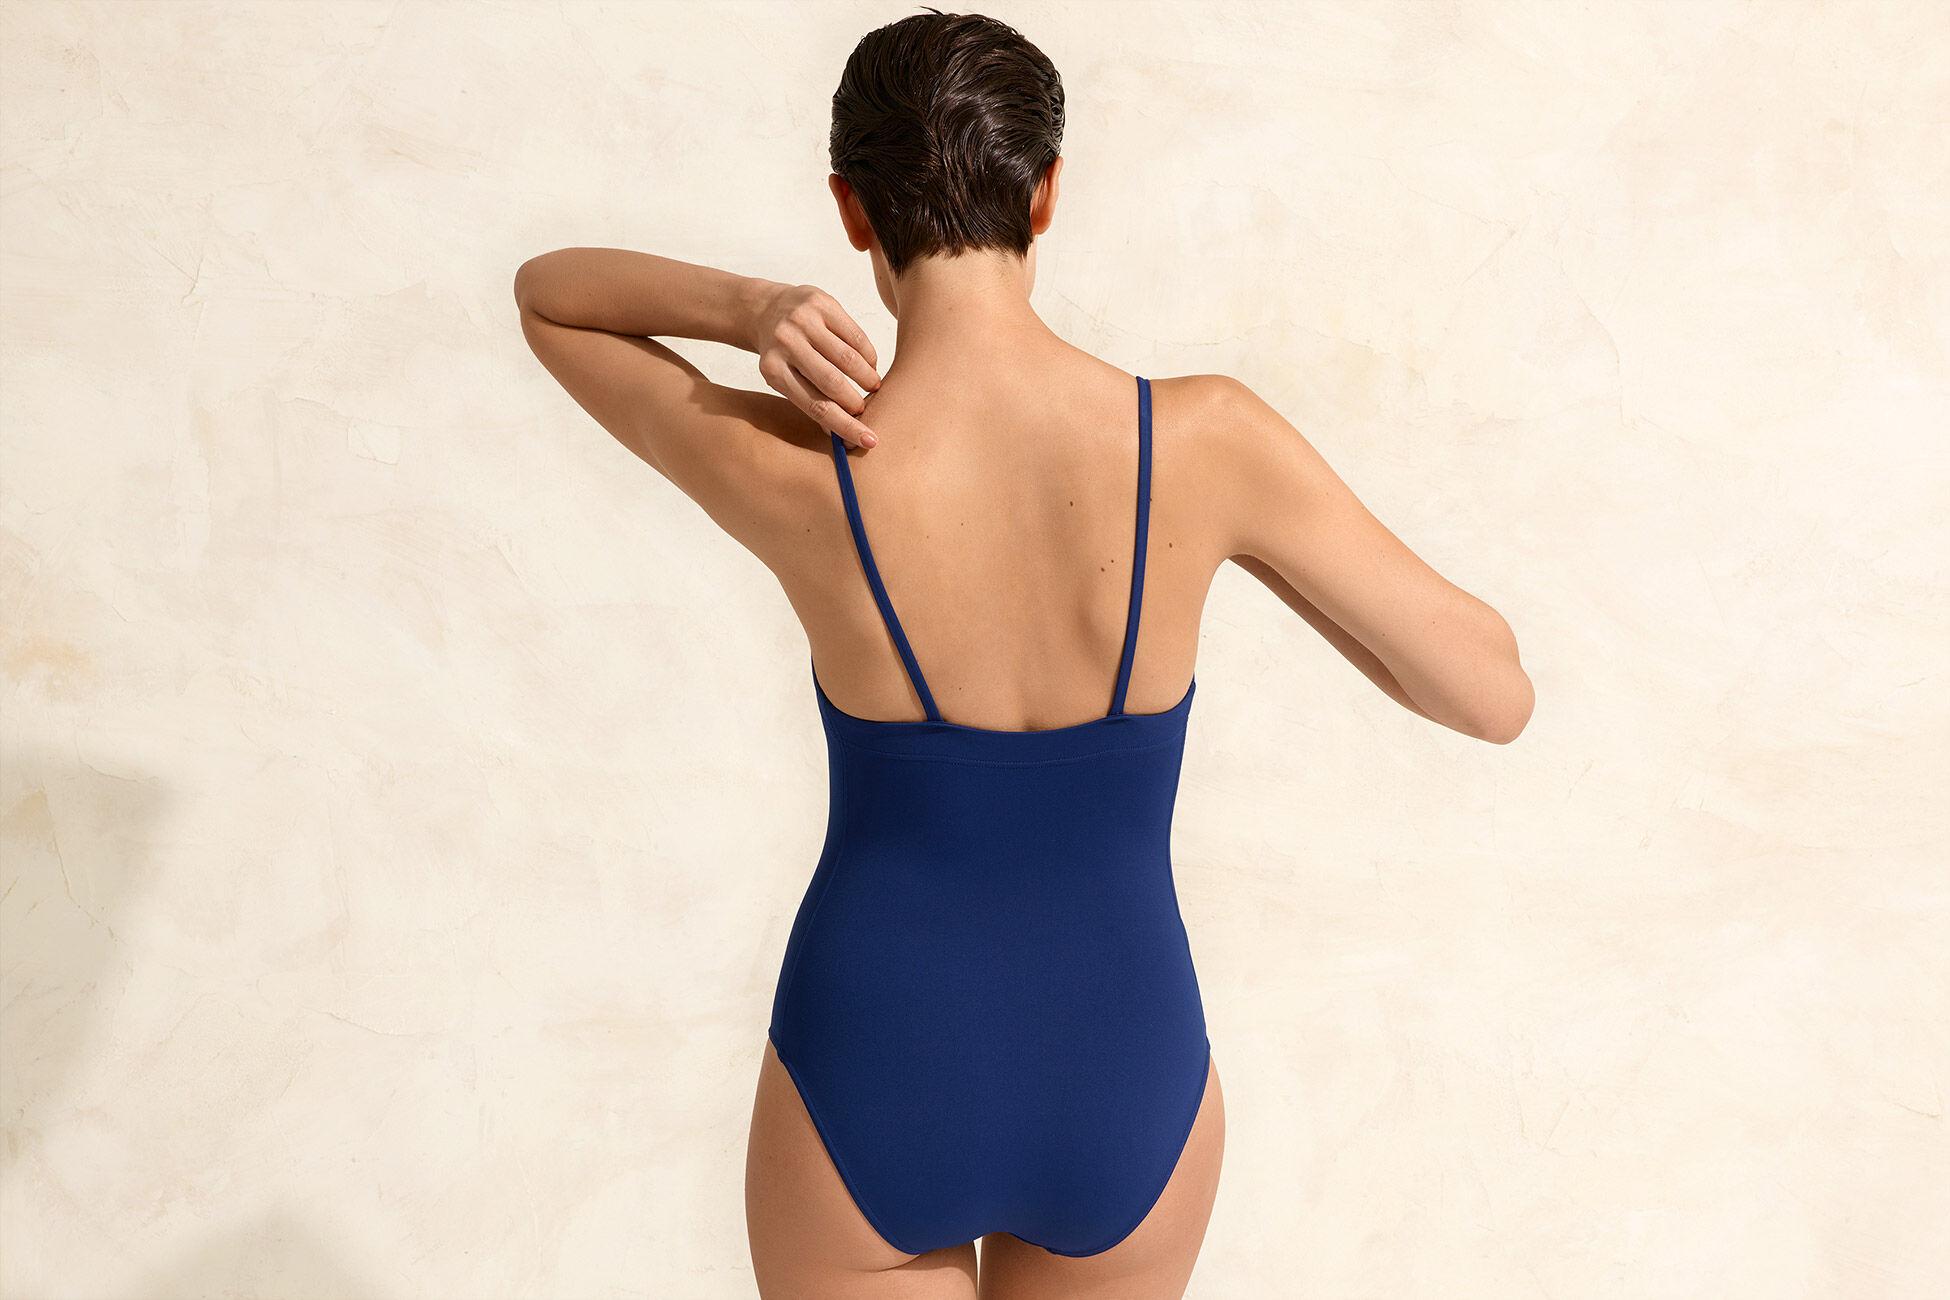 Aquarelle Costume intero olimpionico standard vista �